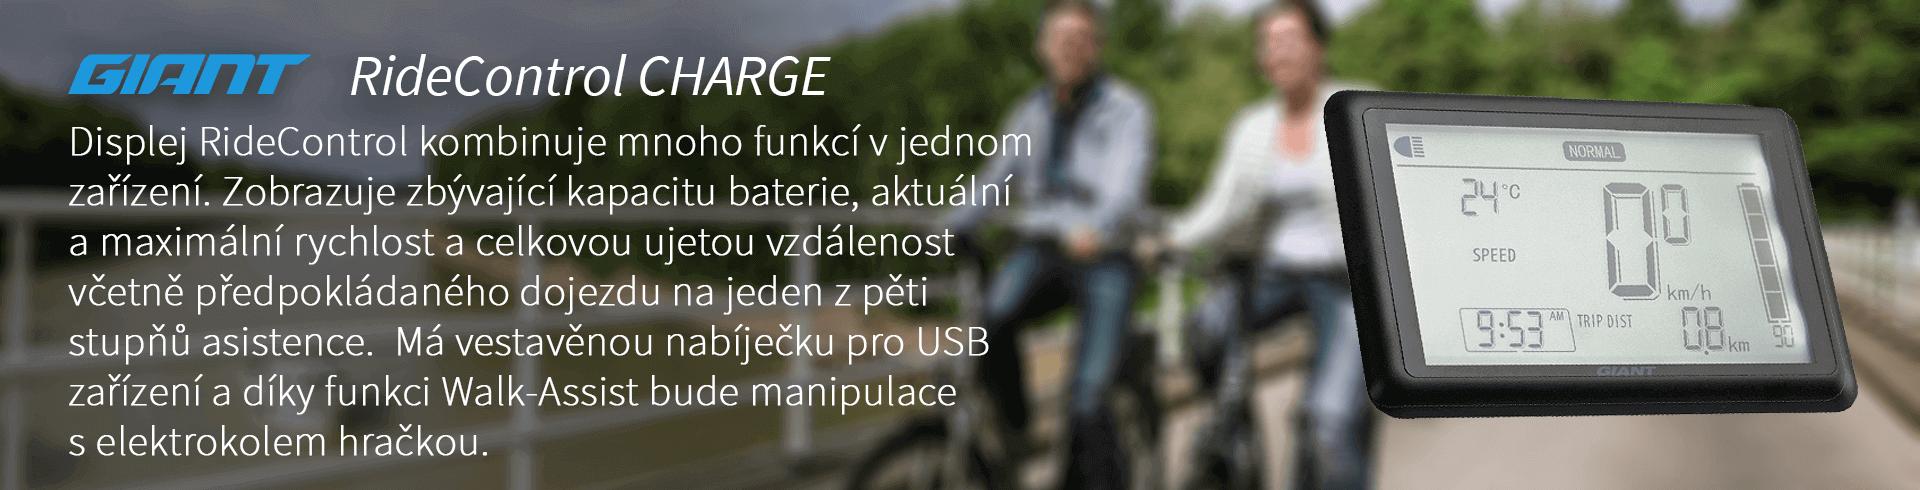 Displej RideControl Charge kombinuje mnoh ofunkcí v jednom zařízení. Zobrazuje zbývající kapacitu baterie, aktuální a maximální rychlost a celkovou ujetou vzdálenost včetně předpokládaného dojezdu na jeden z pěti stupňů asistence. Má vestavěnou nabíječku pro USB zařízení a díky funkci Walk Assist bude manipulace s elektrokolem hračkou.